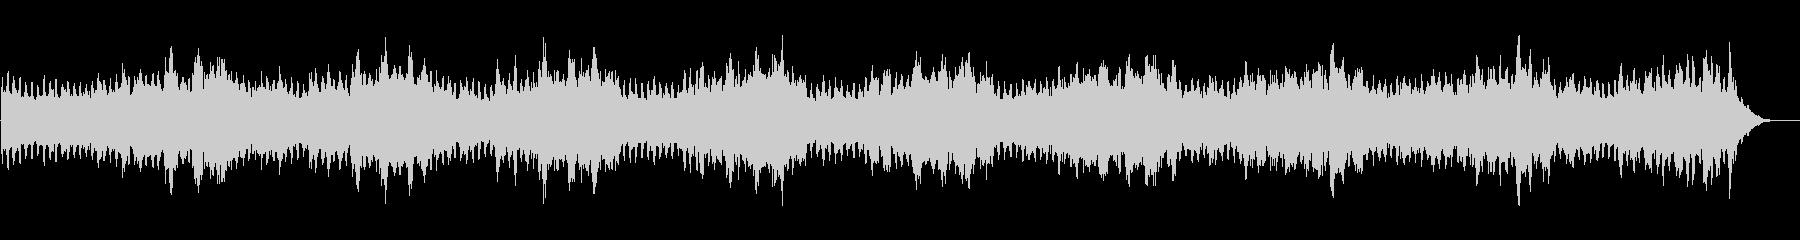 シンセを使ったホラー系BGM(5分+α)の未再生の波形